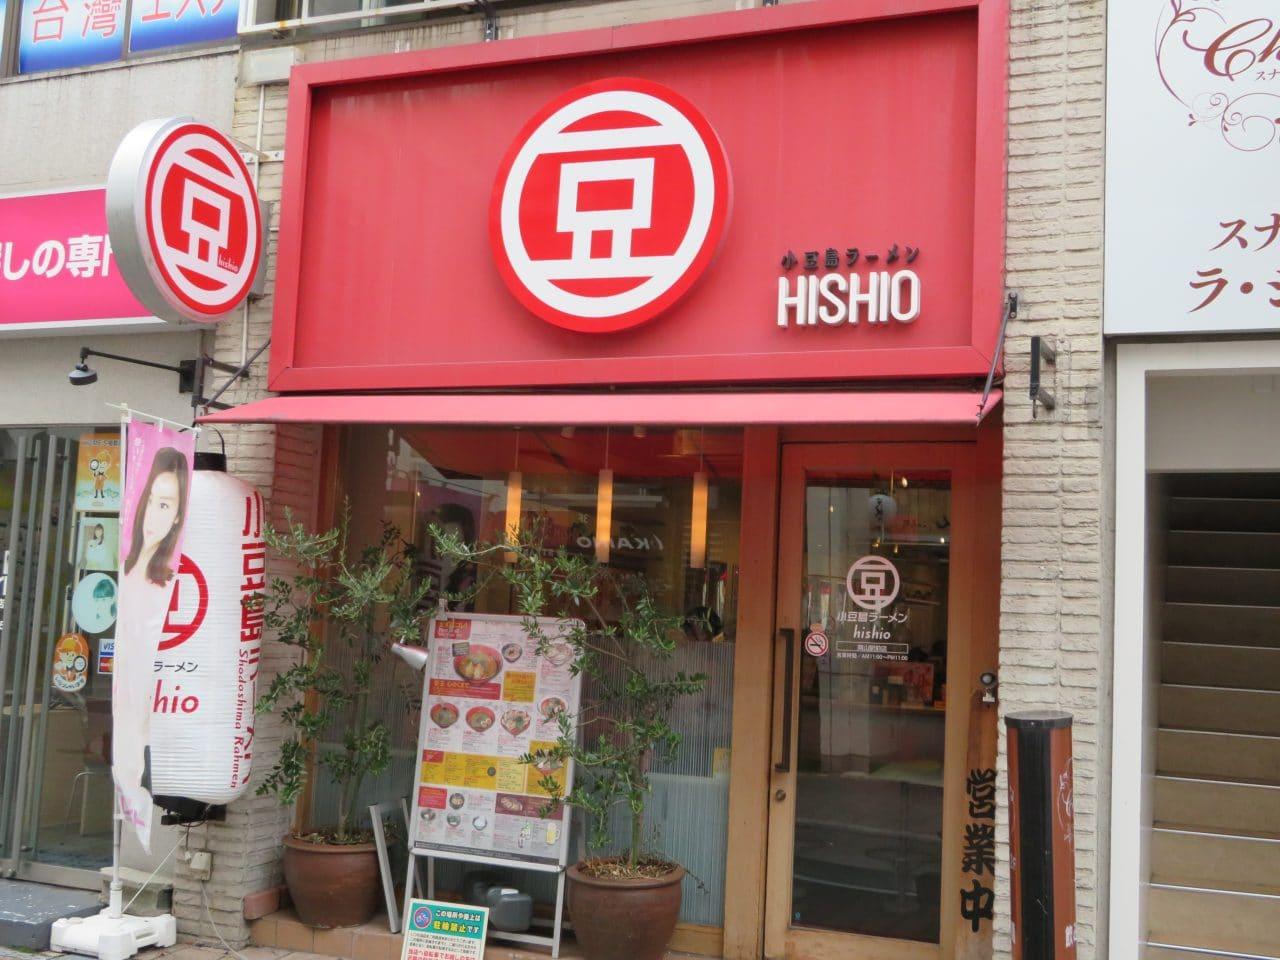 「小豆島ラーメン HISHIO 岡山駅前店」店舗外観